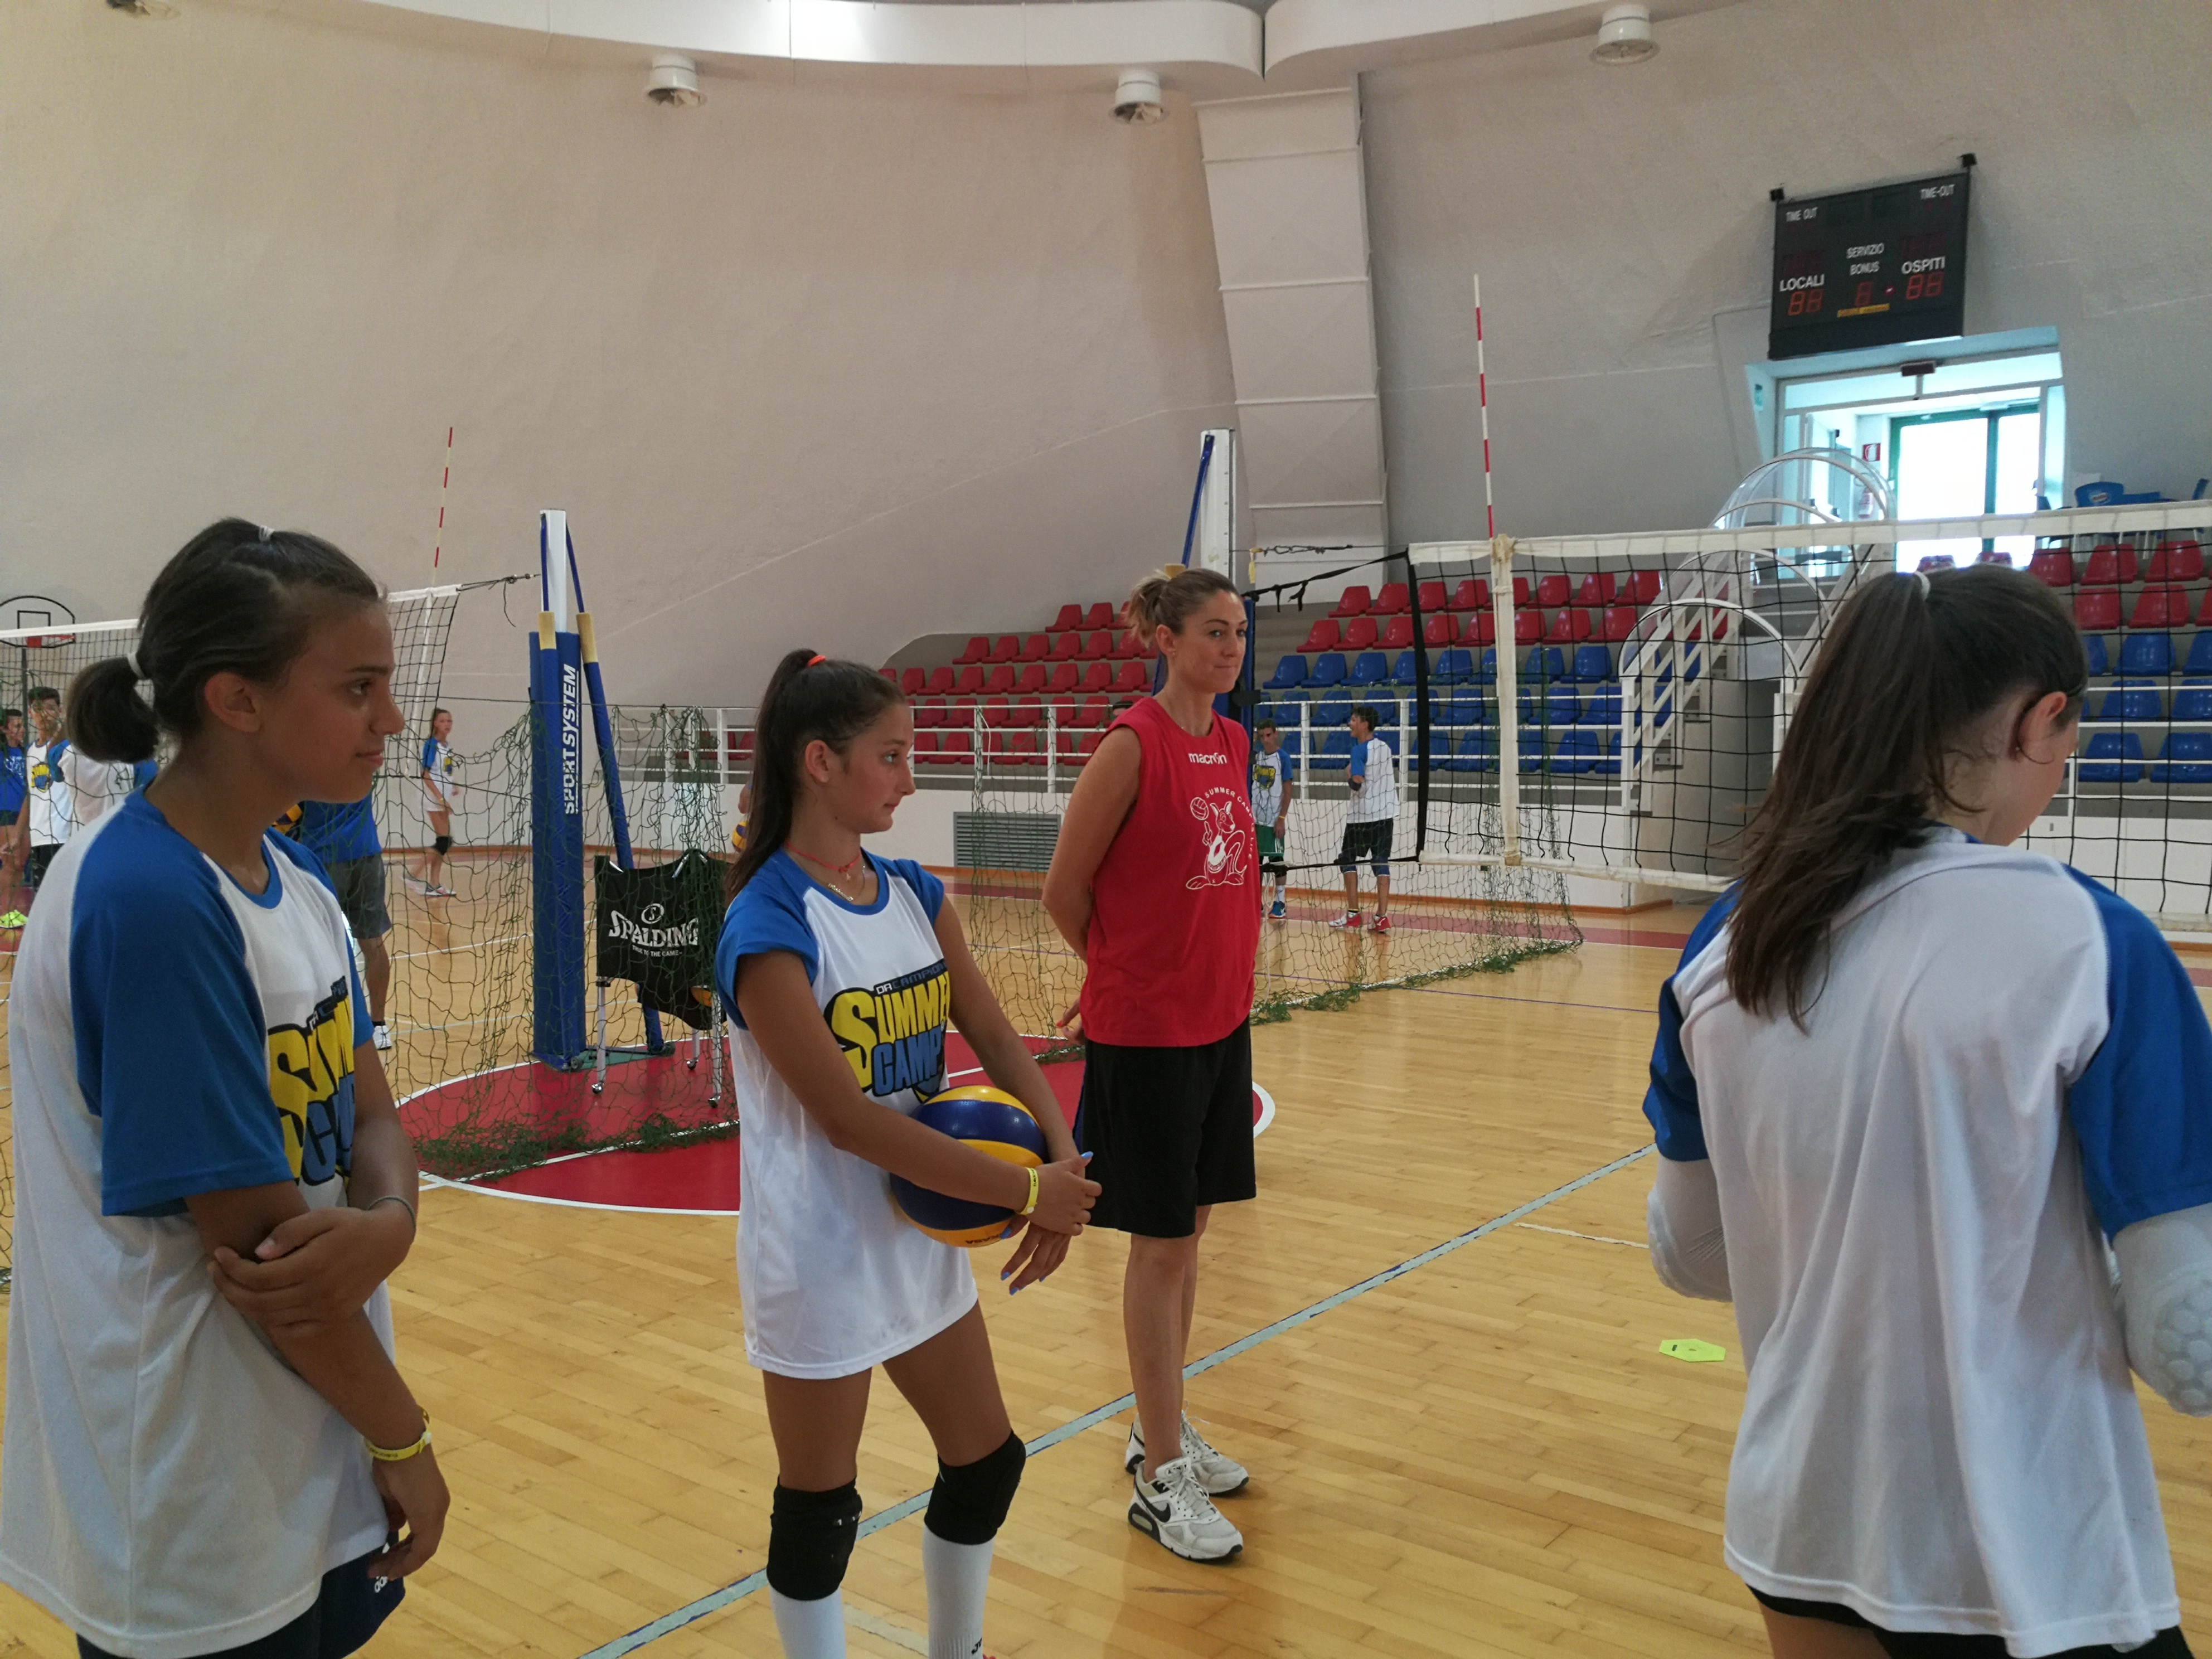 da campioni summer camp volley